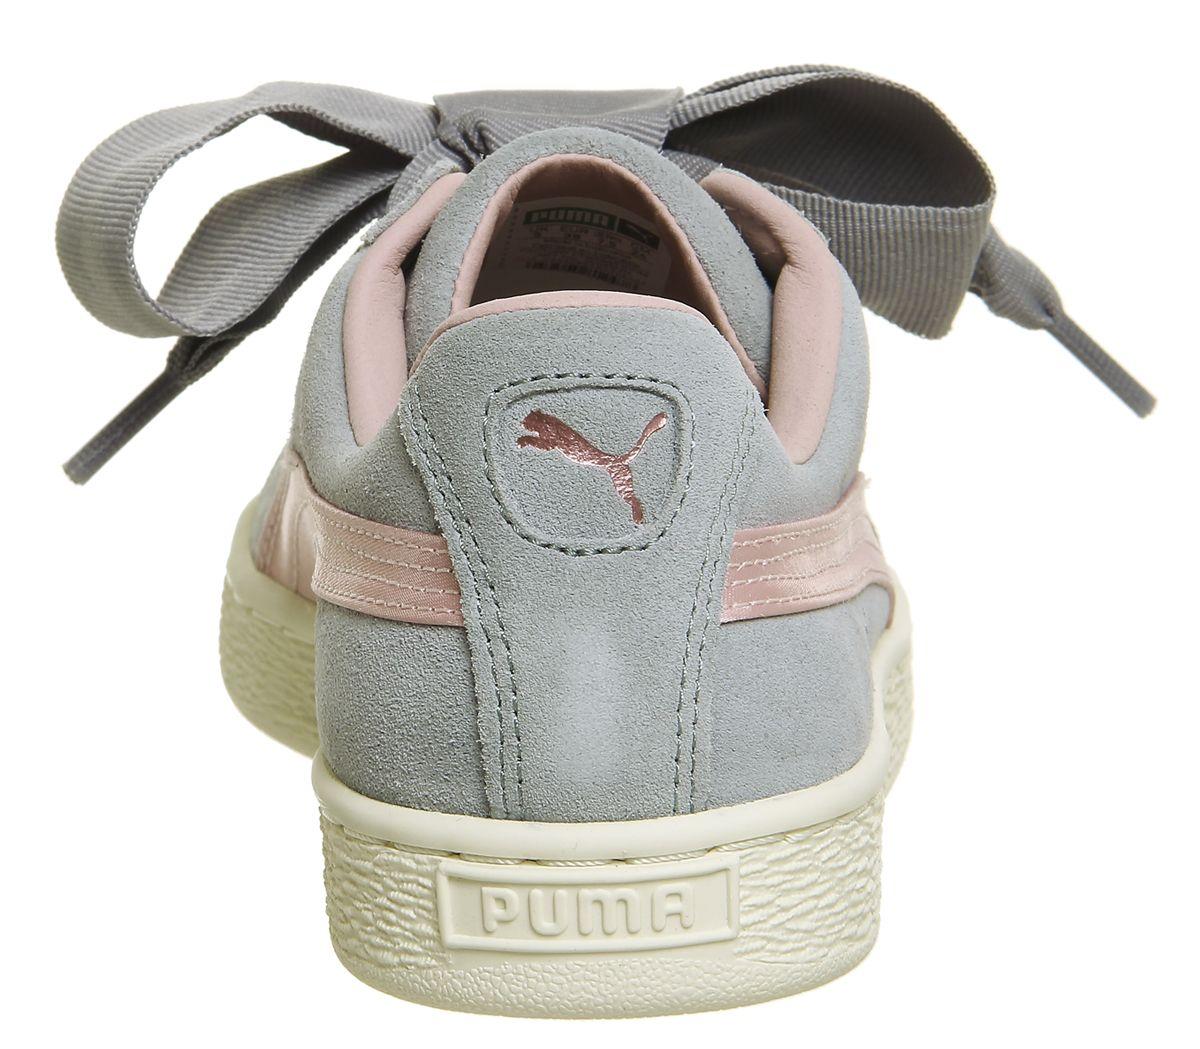 économiser 4575a fe667 Détails sur Chaussures Femme Puma Daim Coeur Baskets Quarry Argent Rose Or  Rose Baskets Chaussures- afficher le titre d'origine